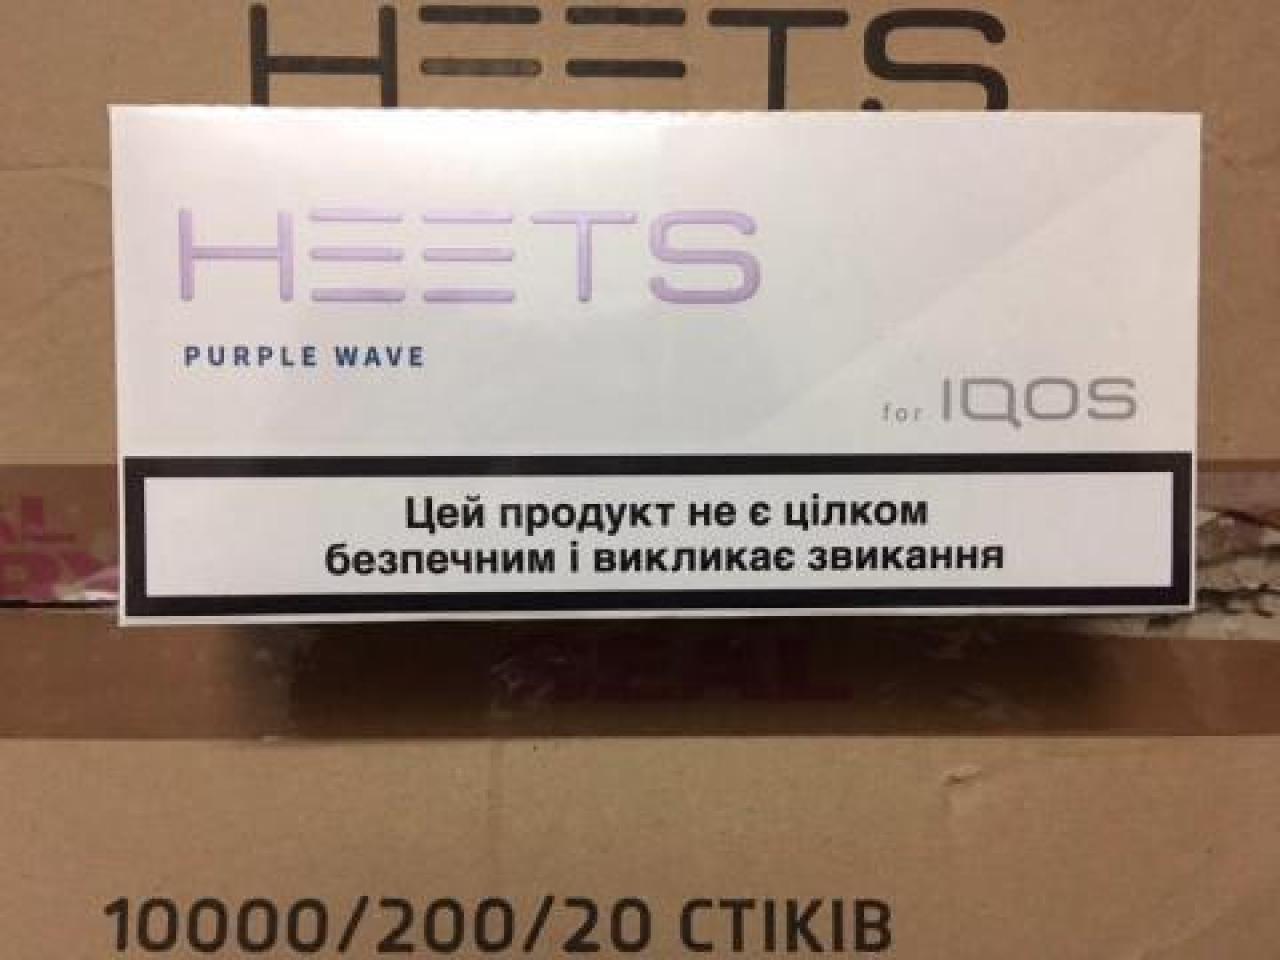 марвел сигареты ассортимент опт стики хитс подарок айкос отправка в день заказа - 1